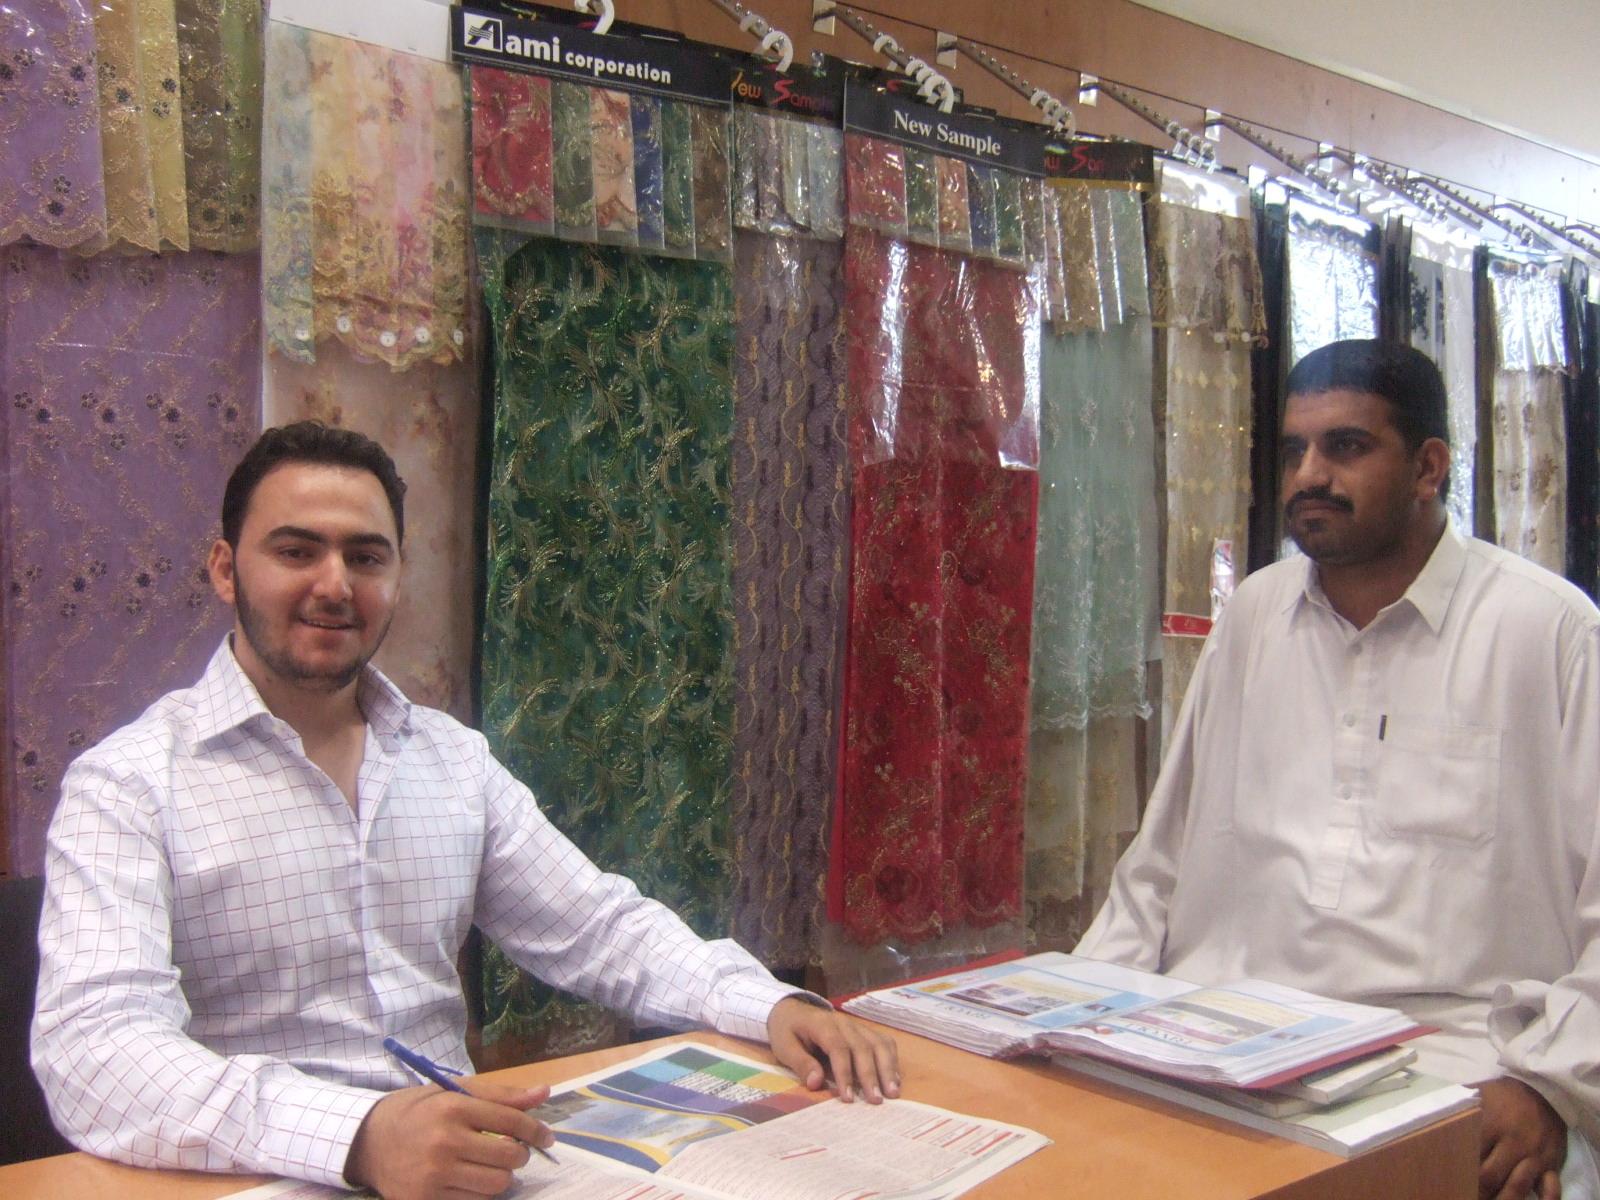 Adab Textiles L.L.C. - DSCF0040.JPG